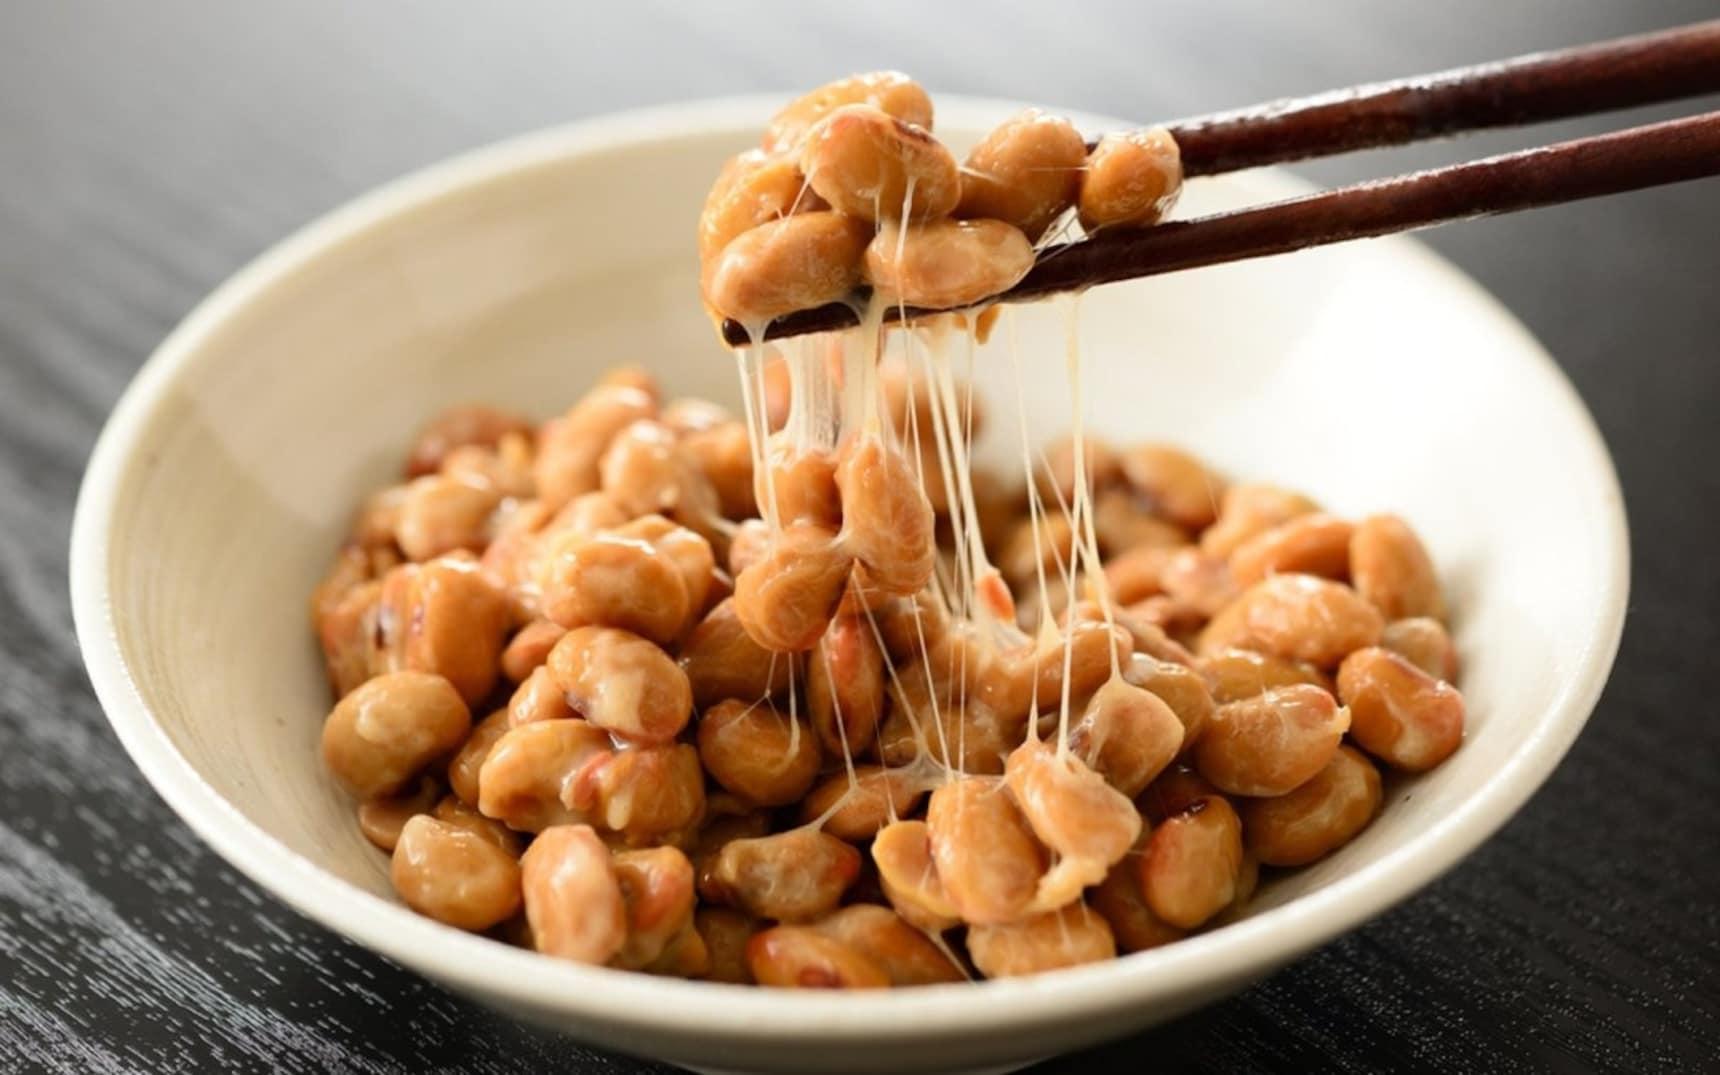 일본식 생 청국장 낫또 레시피 소개